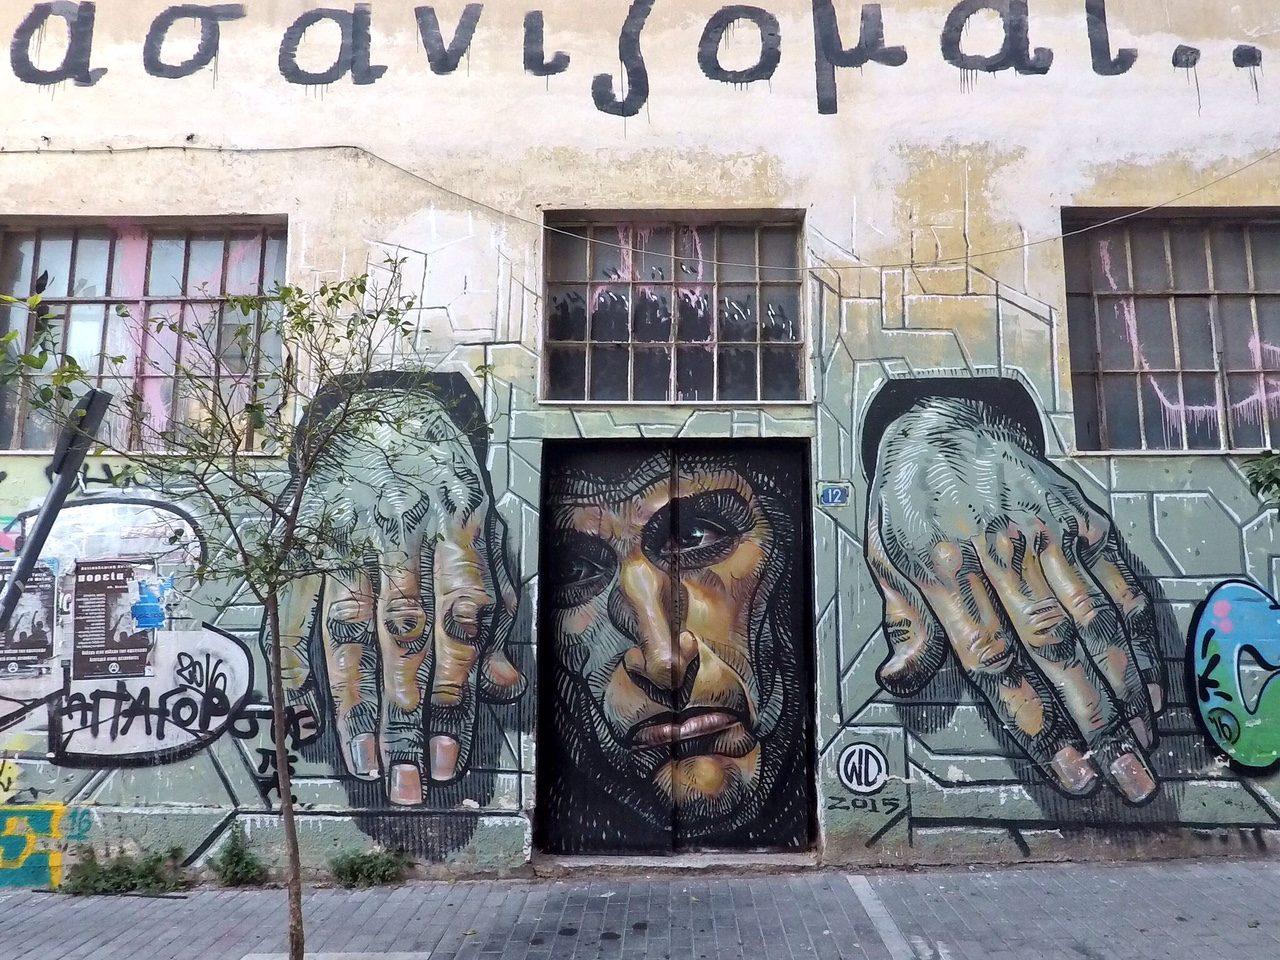 atene-psyrri-murales